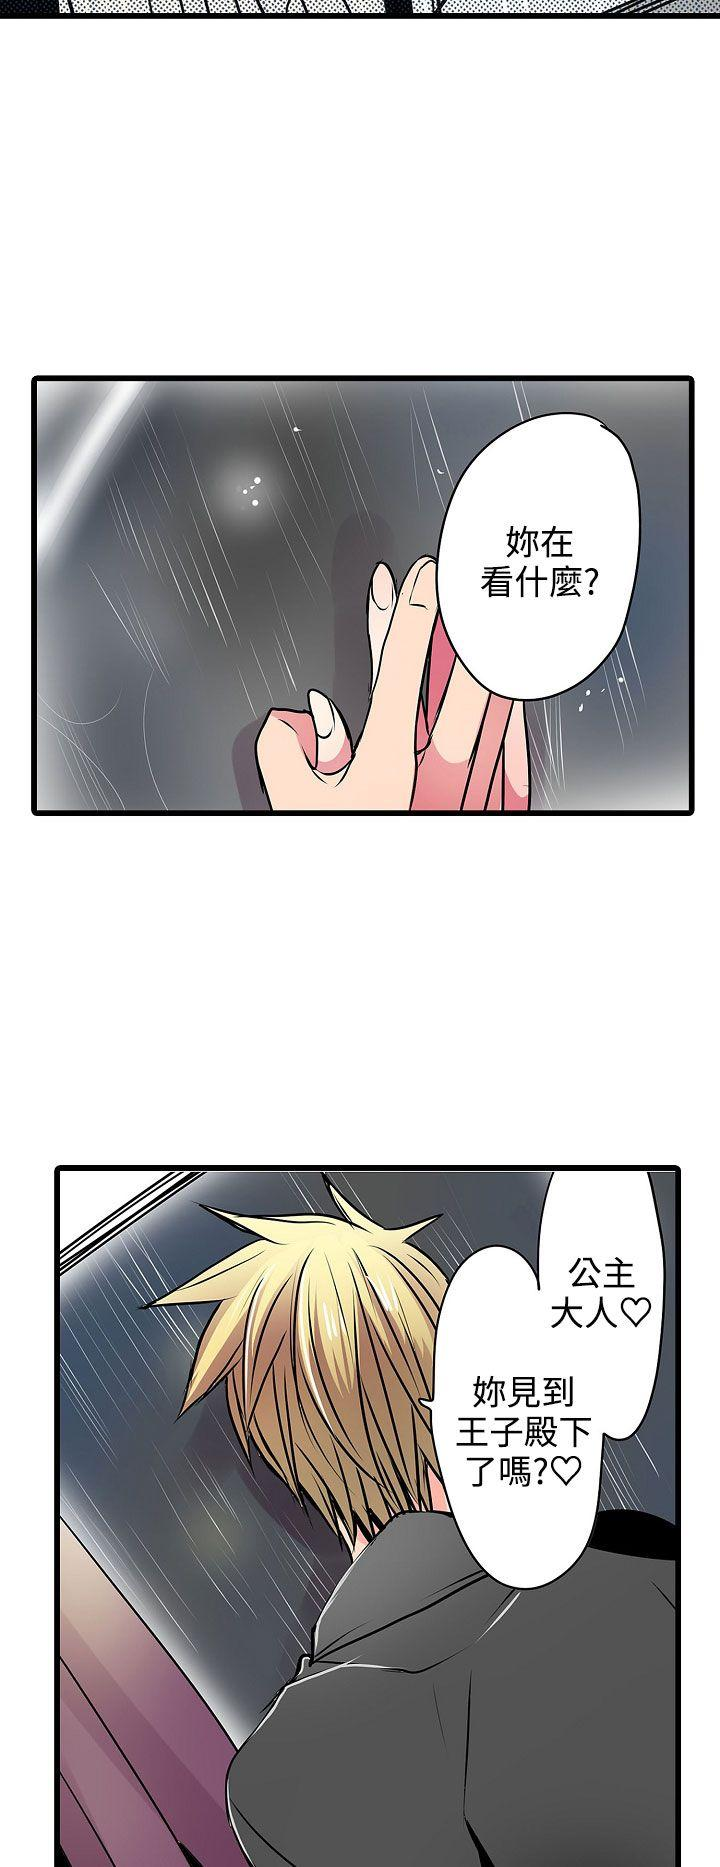 凌辱贩卖机-第20话全彩韩漫标签